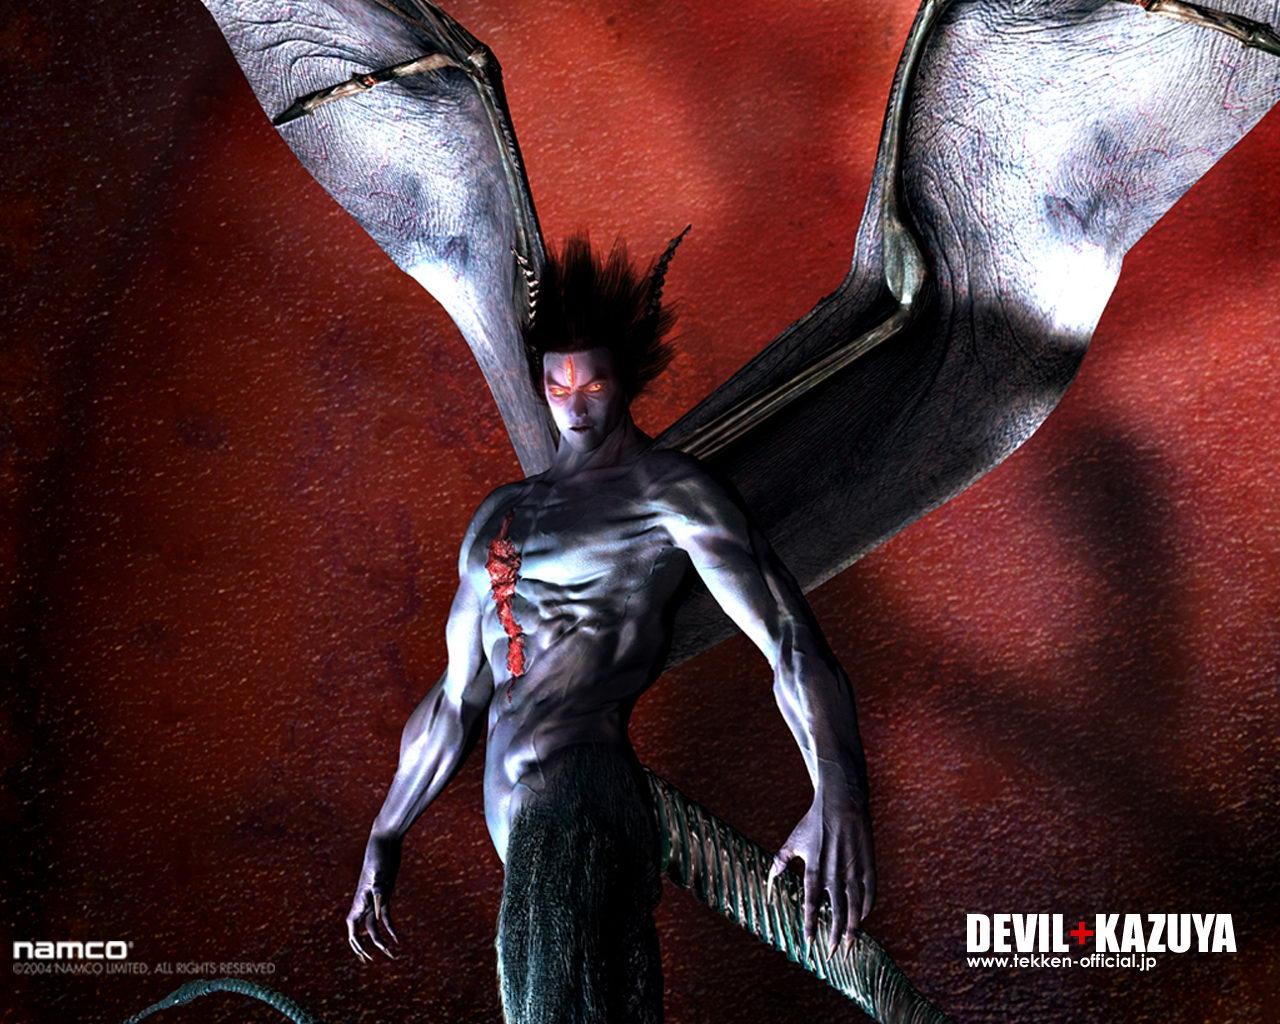 Devil Kazuya/Gallery   Tekken Wiki   Fandom powered by Wikia